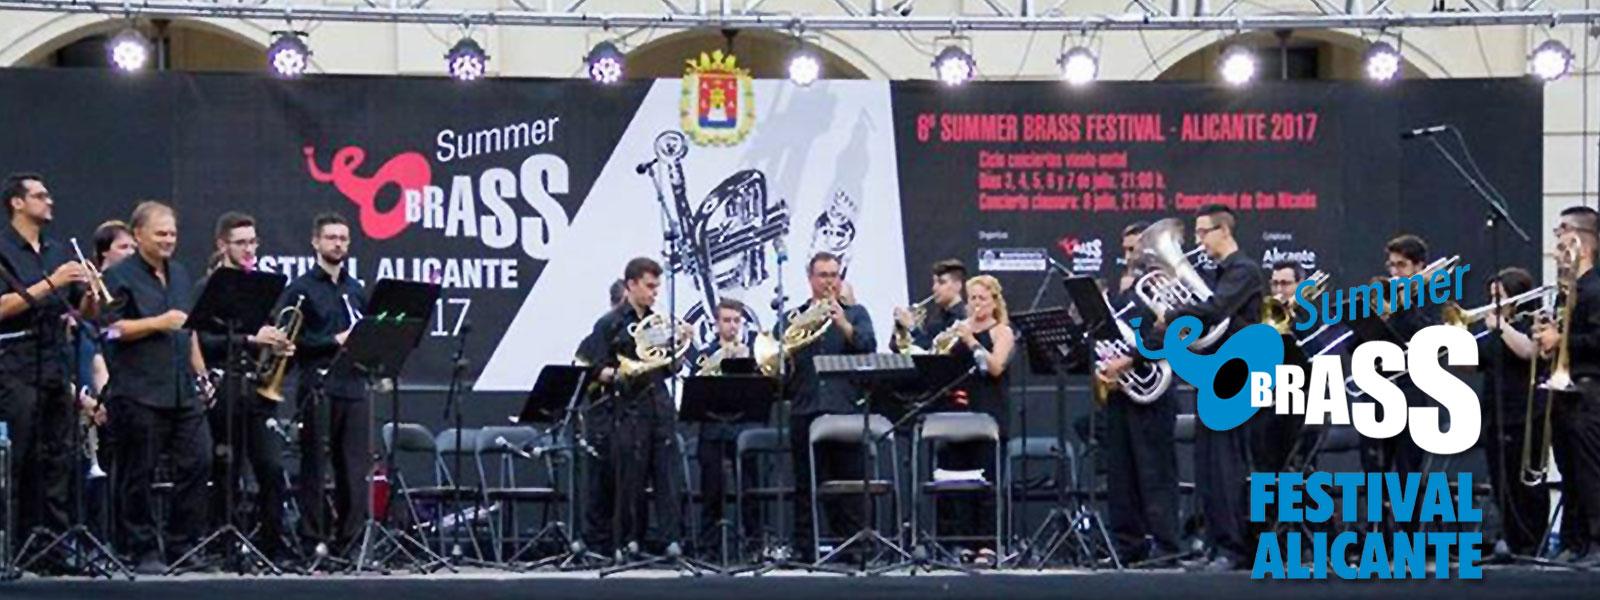 brass-festival-alicante